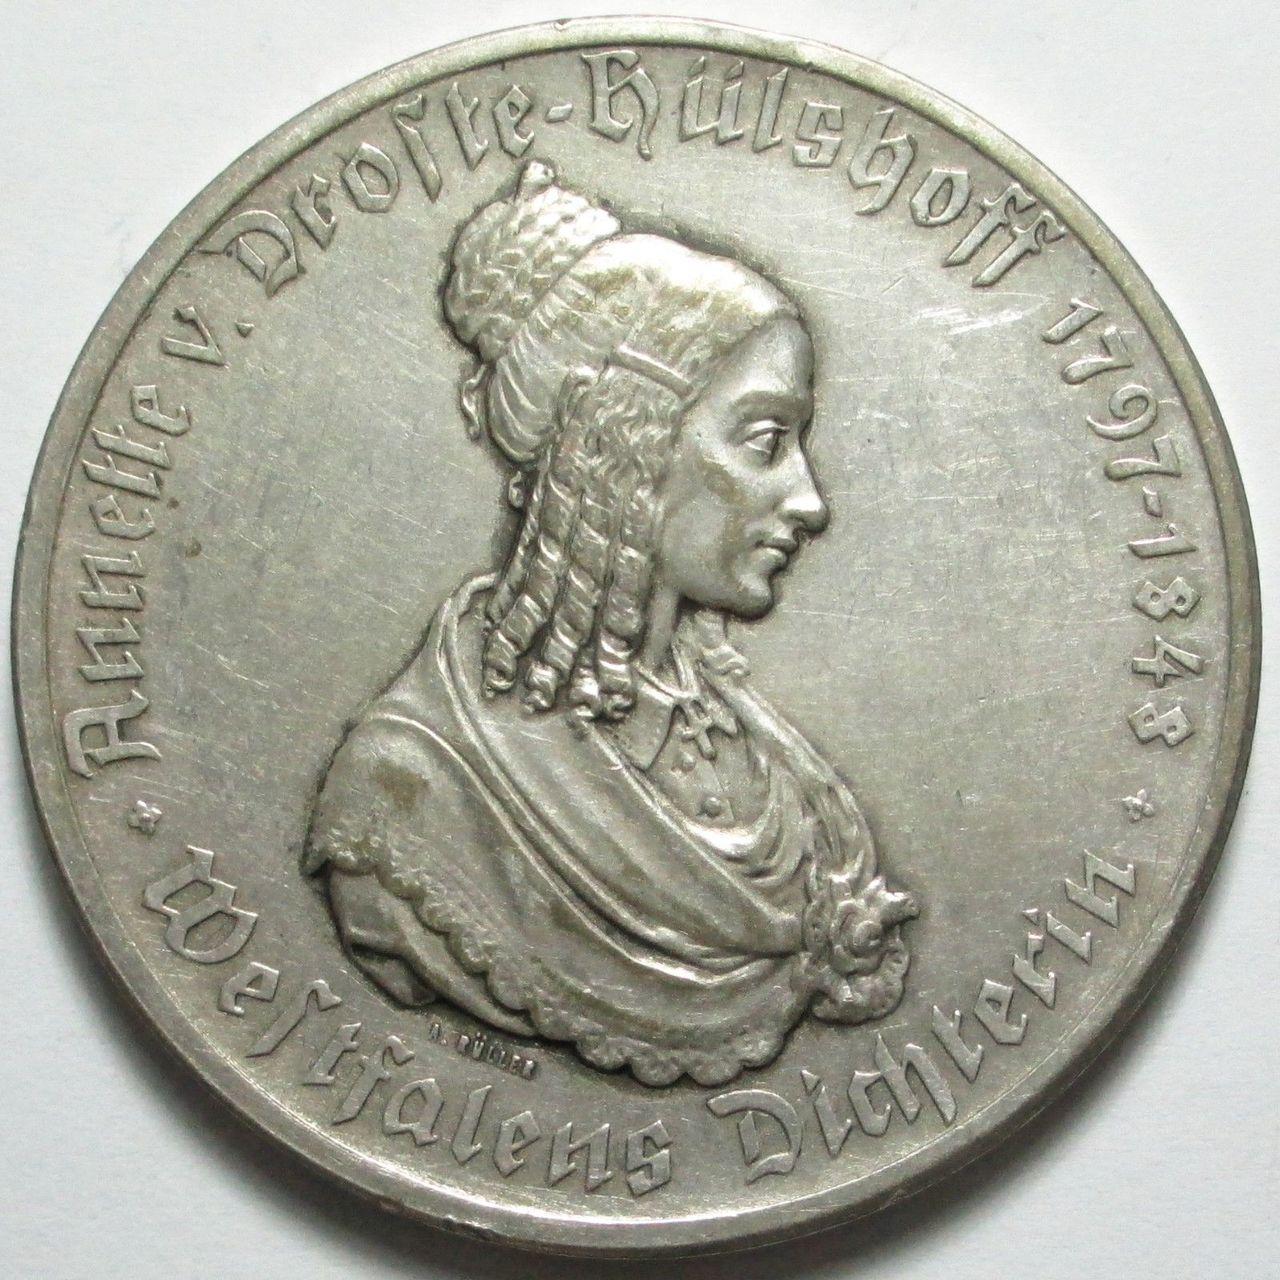 Monedas de emergencia emitidas por el banco regional de Westphalia N29a